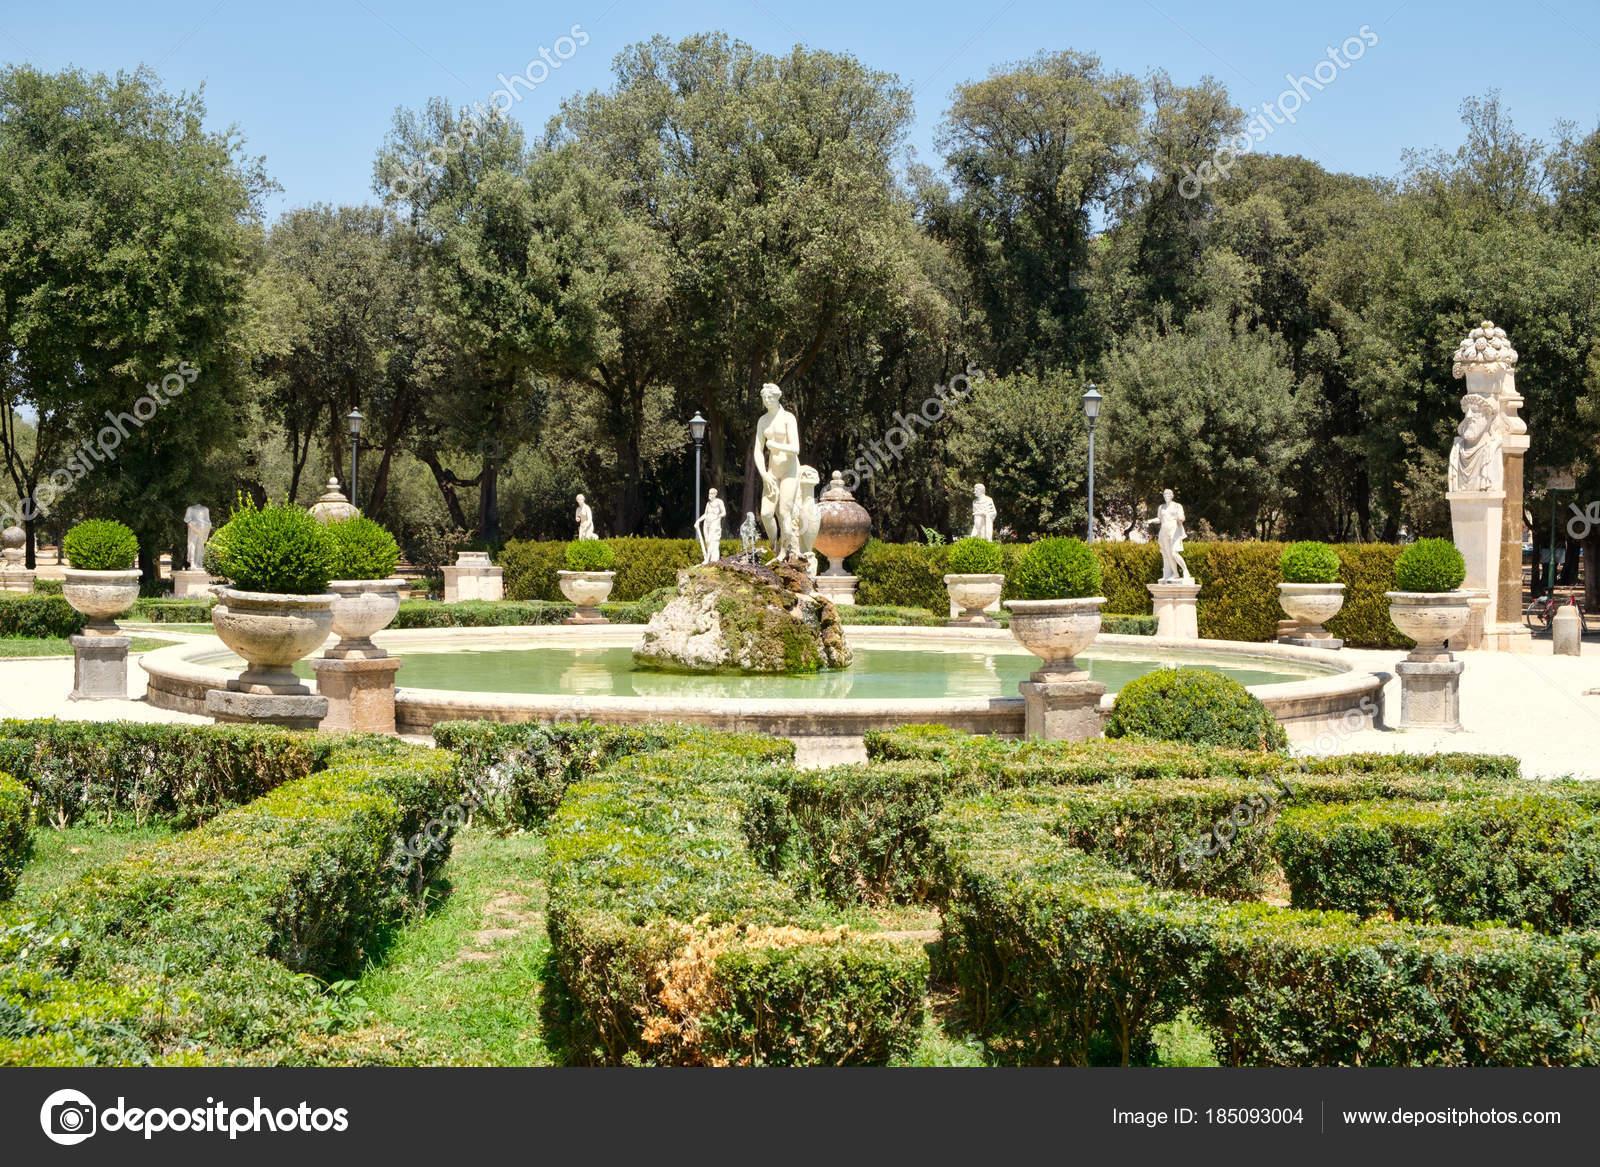 Ville di tivoli u villa d este parchi ville e giardini di roma